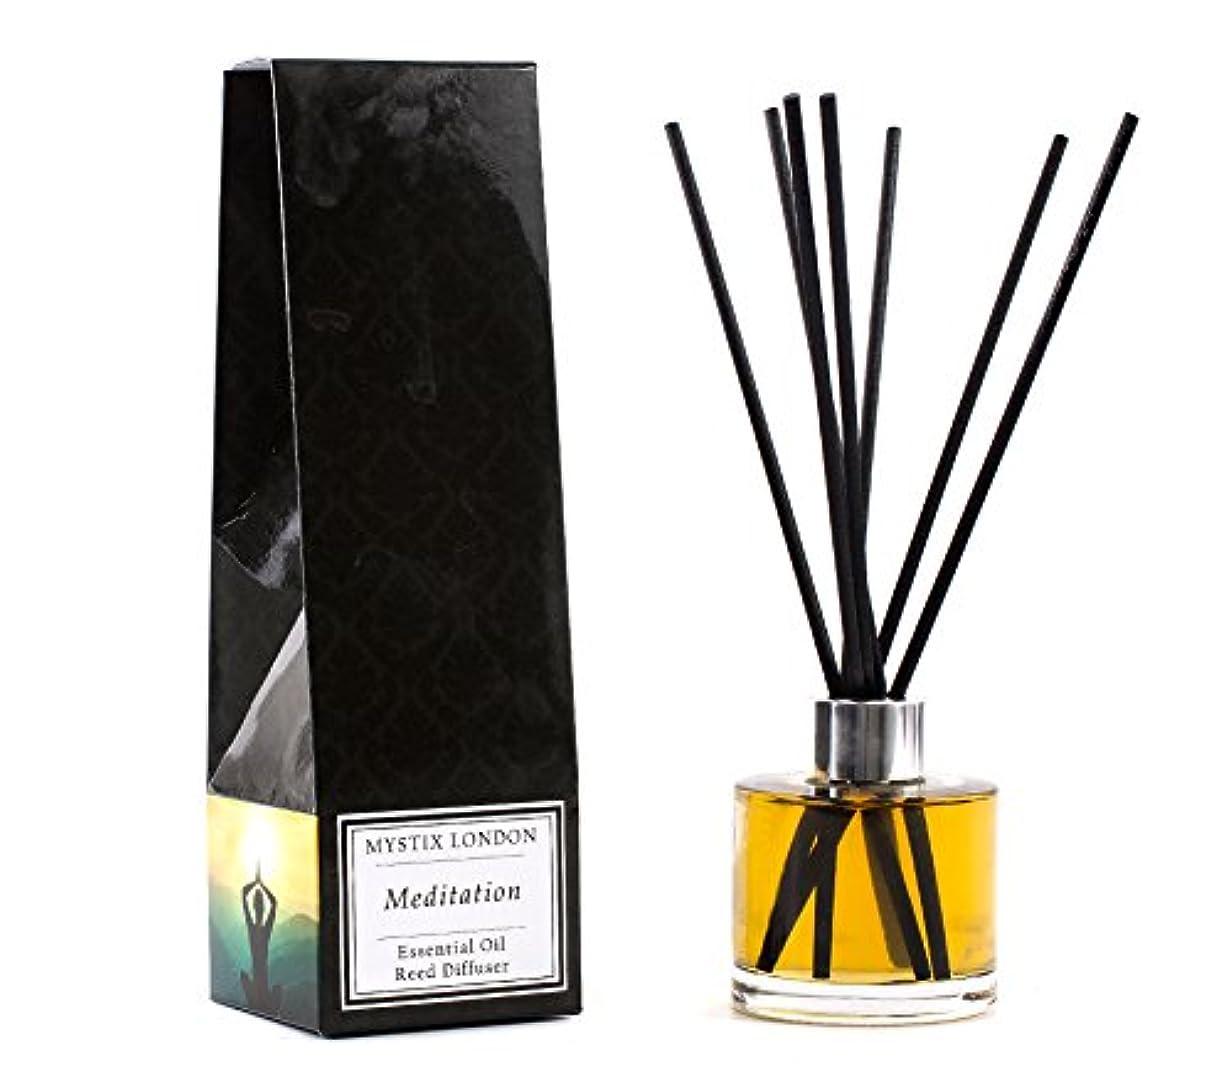 島無声で覚えているMystix London | Meditation - Essential Oil Reed Diffuser - 100ml